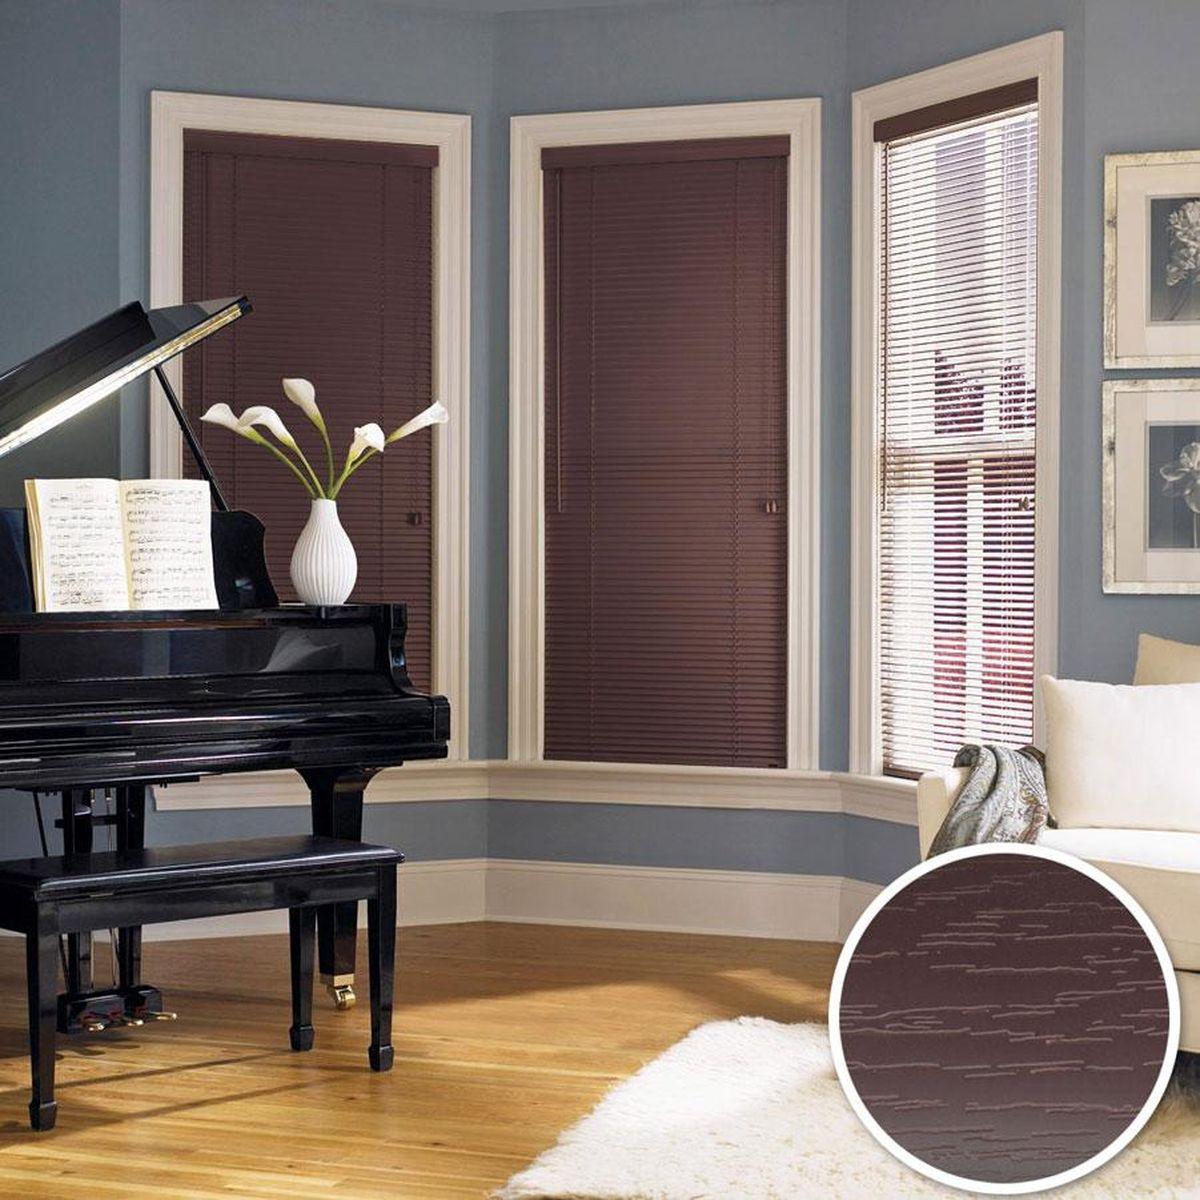 Жалюзи Эскар, цвет: темный кофе, ширина 160 см, высота 160 см61211160160Для того чтобы придать интерьеру изюминку и завершенность, нет ничего лучше, чем использовать жалюзи на окнах квартиры, дома или офиса. С их помощью можно подчеркнуть индивидуальный вкус, а также стилевое оформление помещения. Помимо декоративных функций, жалюзи выполняют и практические задачи: они защищают от излишнего солнечного света, не дают помещению нагреваться, а также создают уют в темное время суток. Пластиковые жалюзи - самое универсальное и недорогое решение для любого помещения. Купить их может каждый, а широкий выбор размеров под самые популярные габариты сделает покупку простой и удобной. Пластиковые жалюзи имеют высокие эксплуатационные характеристики - они гигиеничны, что делает их незаменимыми при монтаже в детских и медицинских учреждениях.